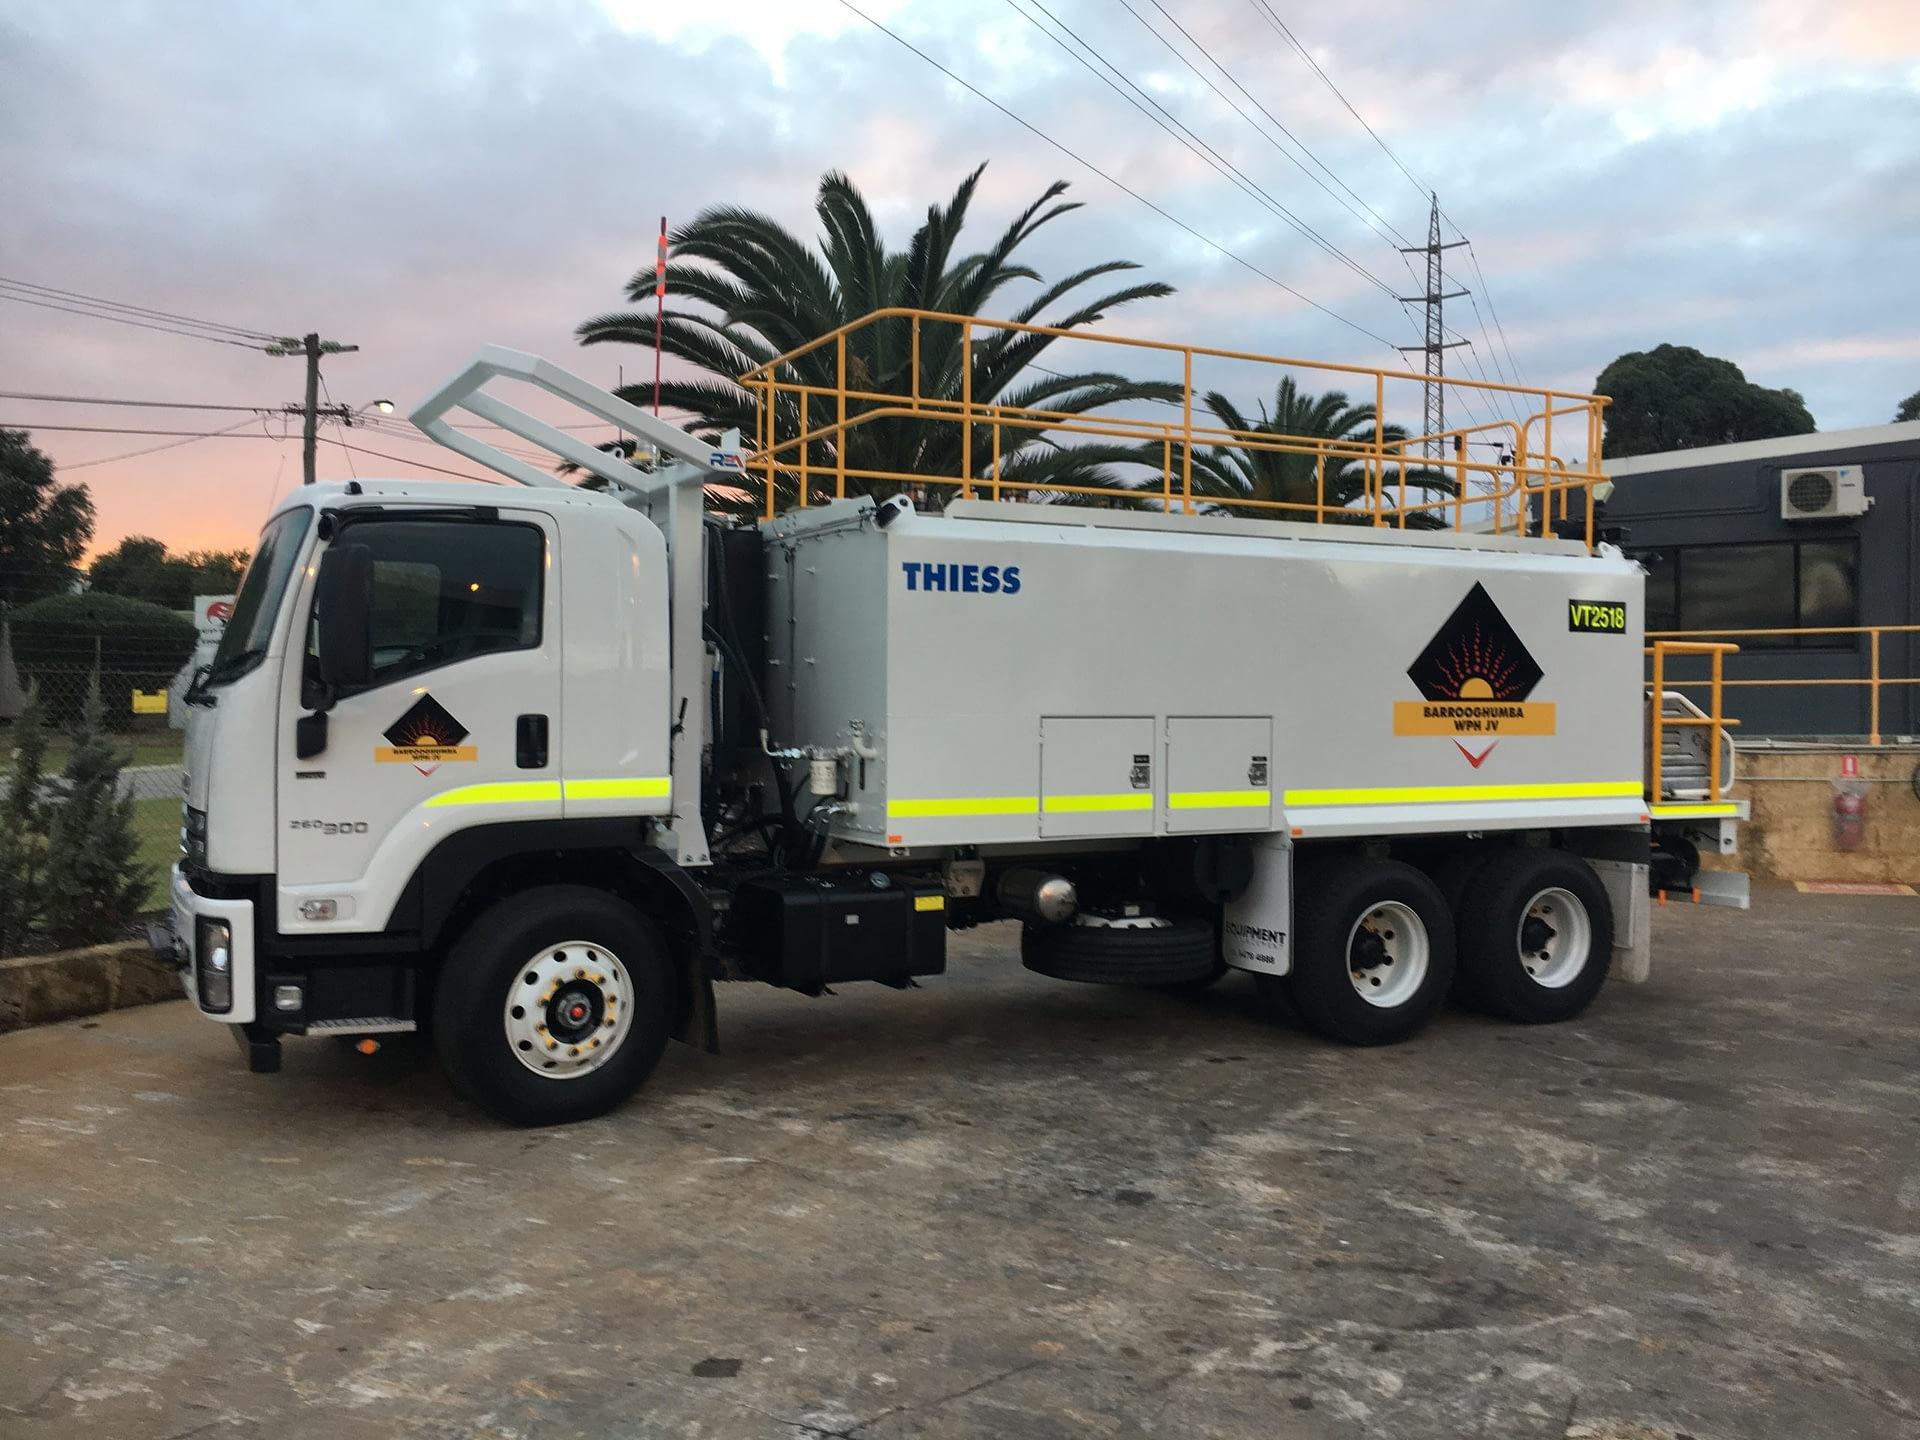 Isuzu 6 Wheel Service Truck - For Hire